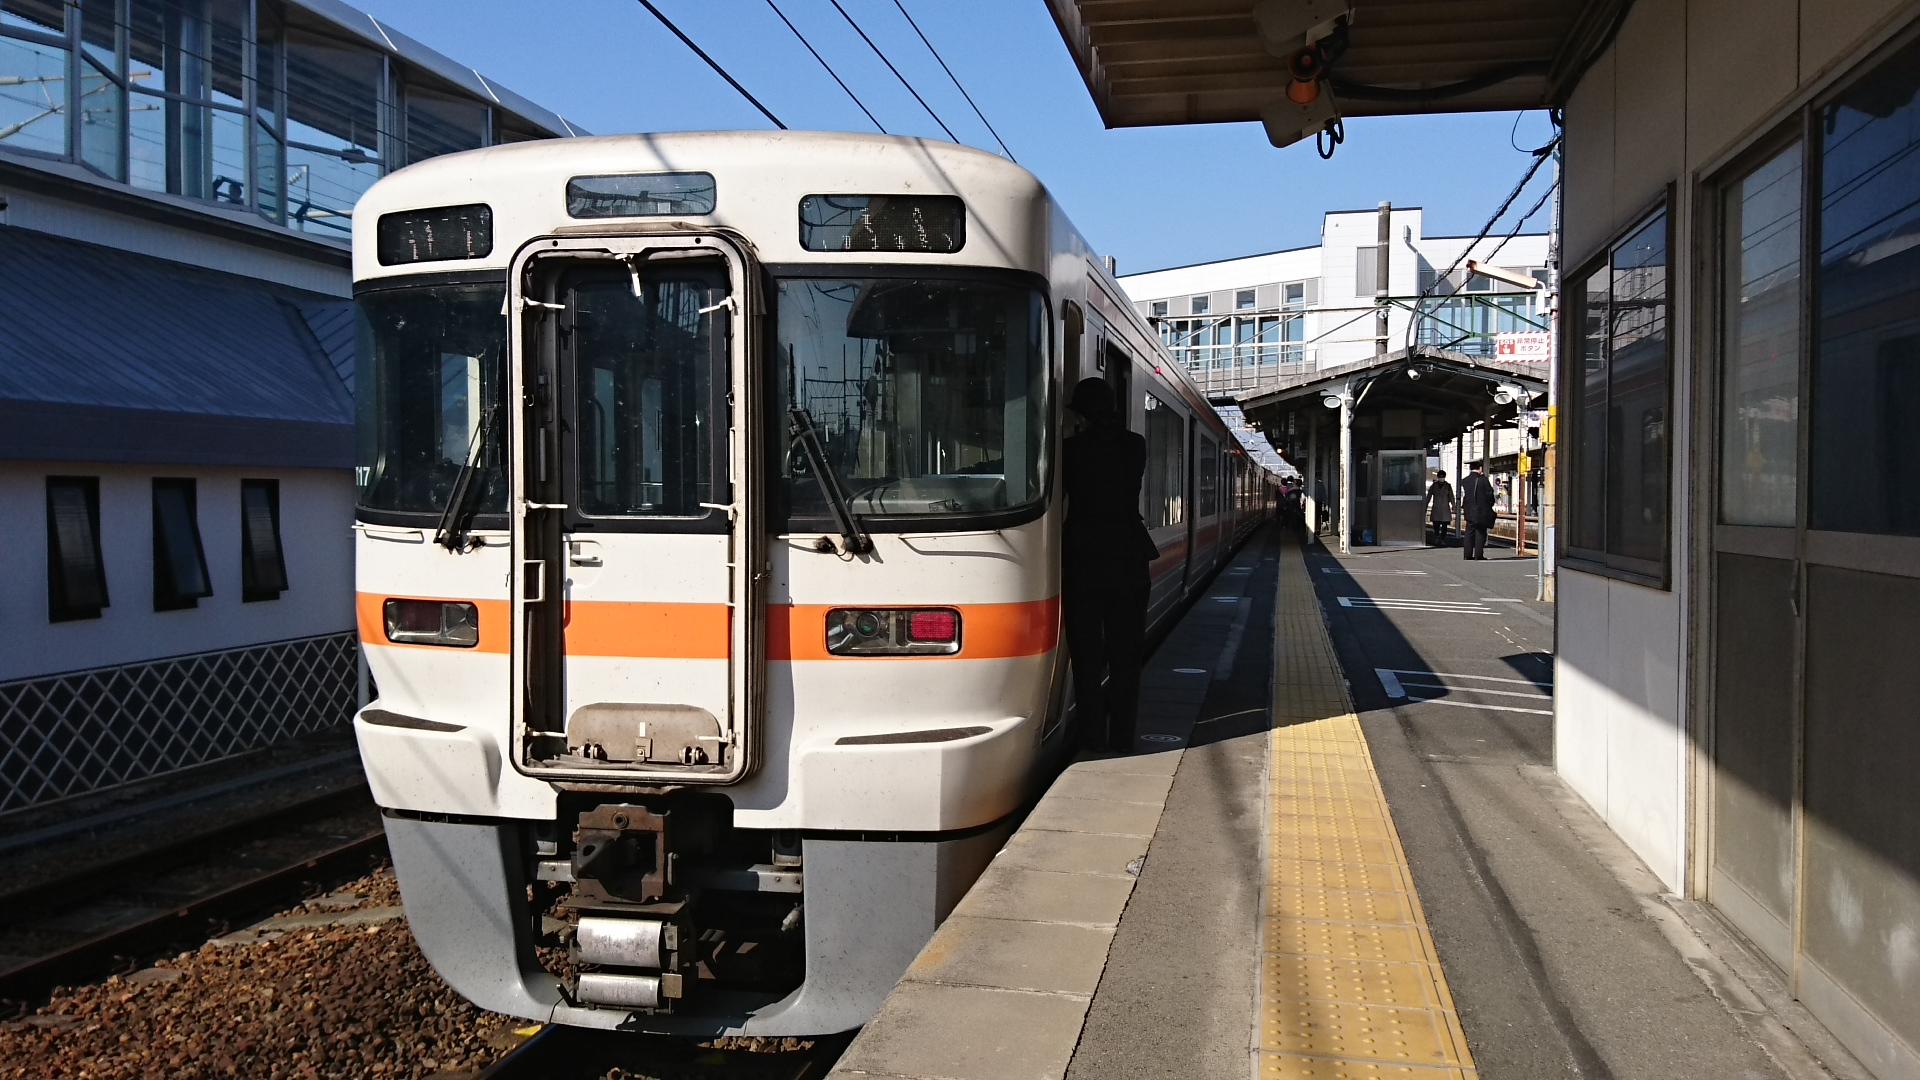 2018.3.28 金谷まで (32) 掛川 - 浜松いきふつう 1920-1080